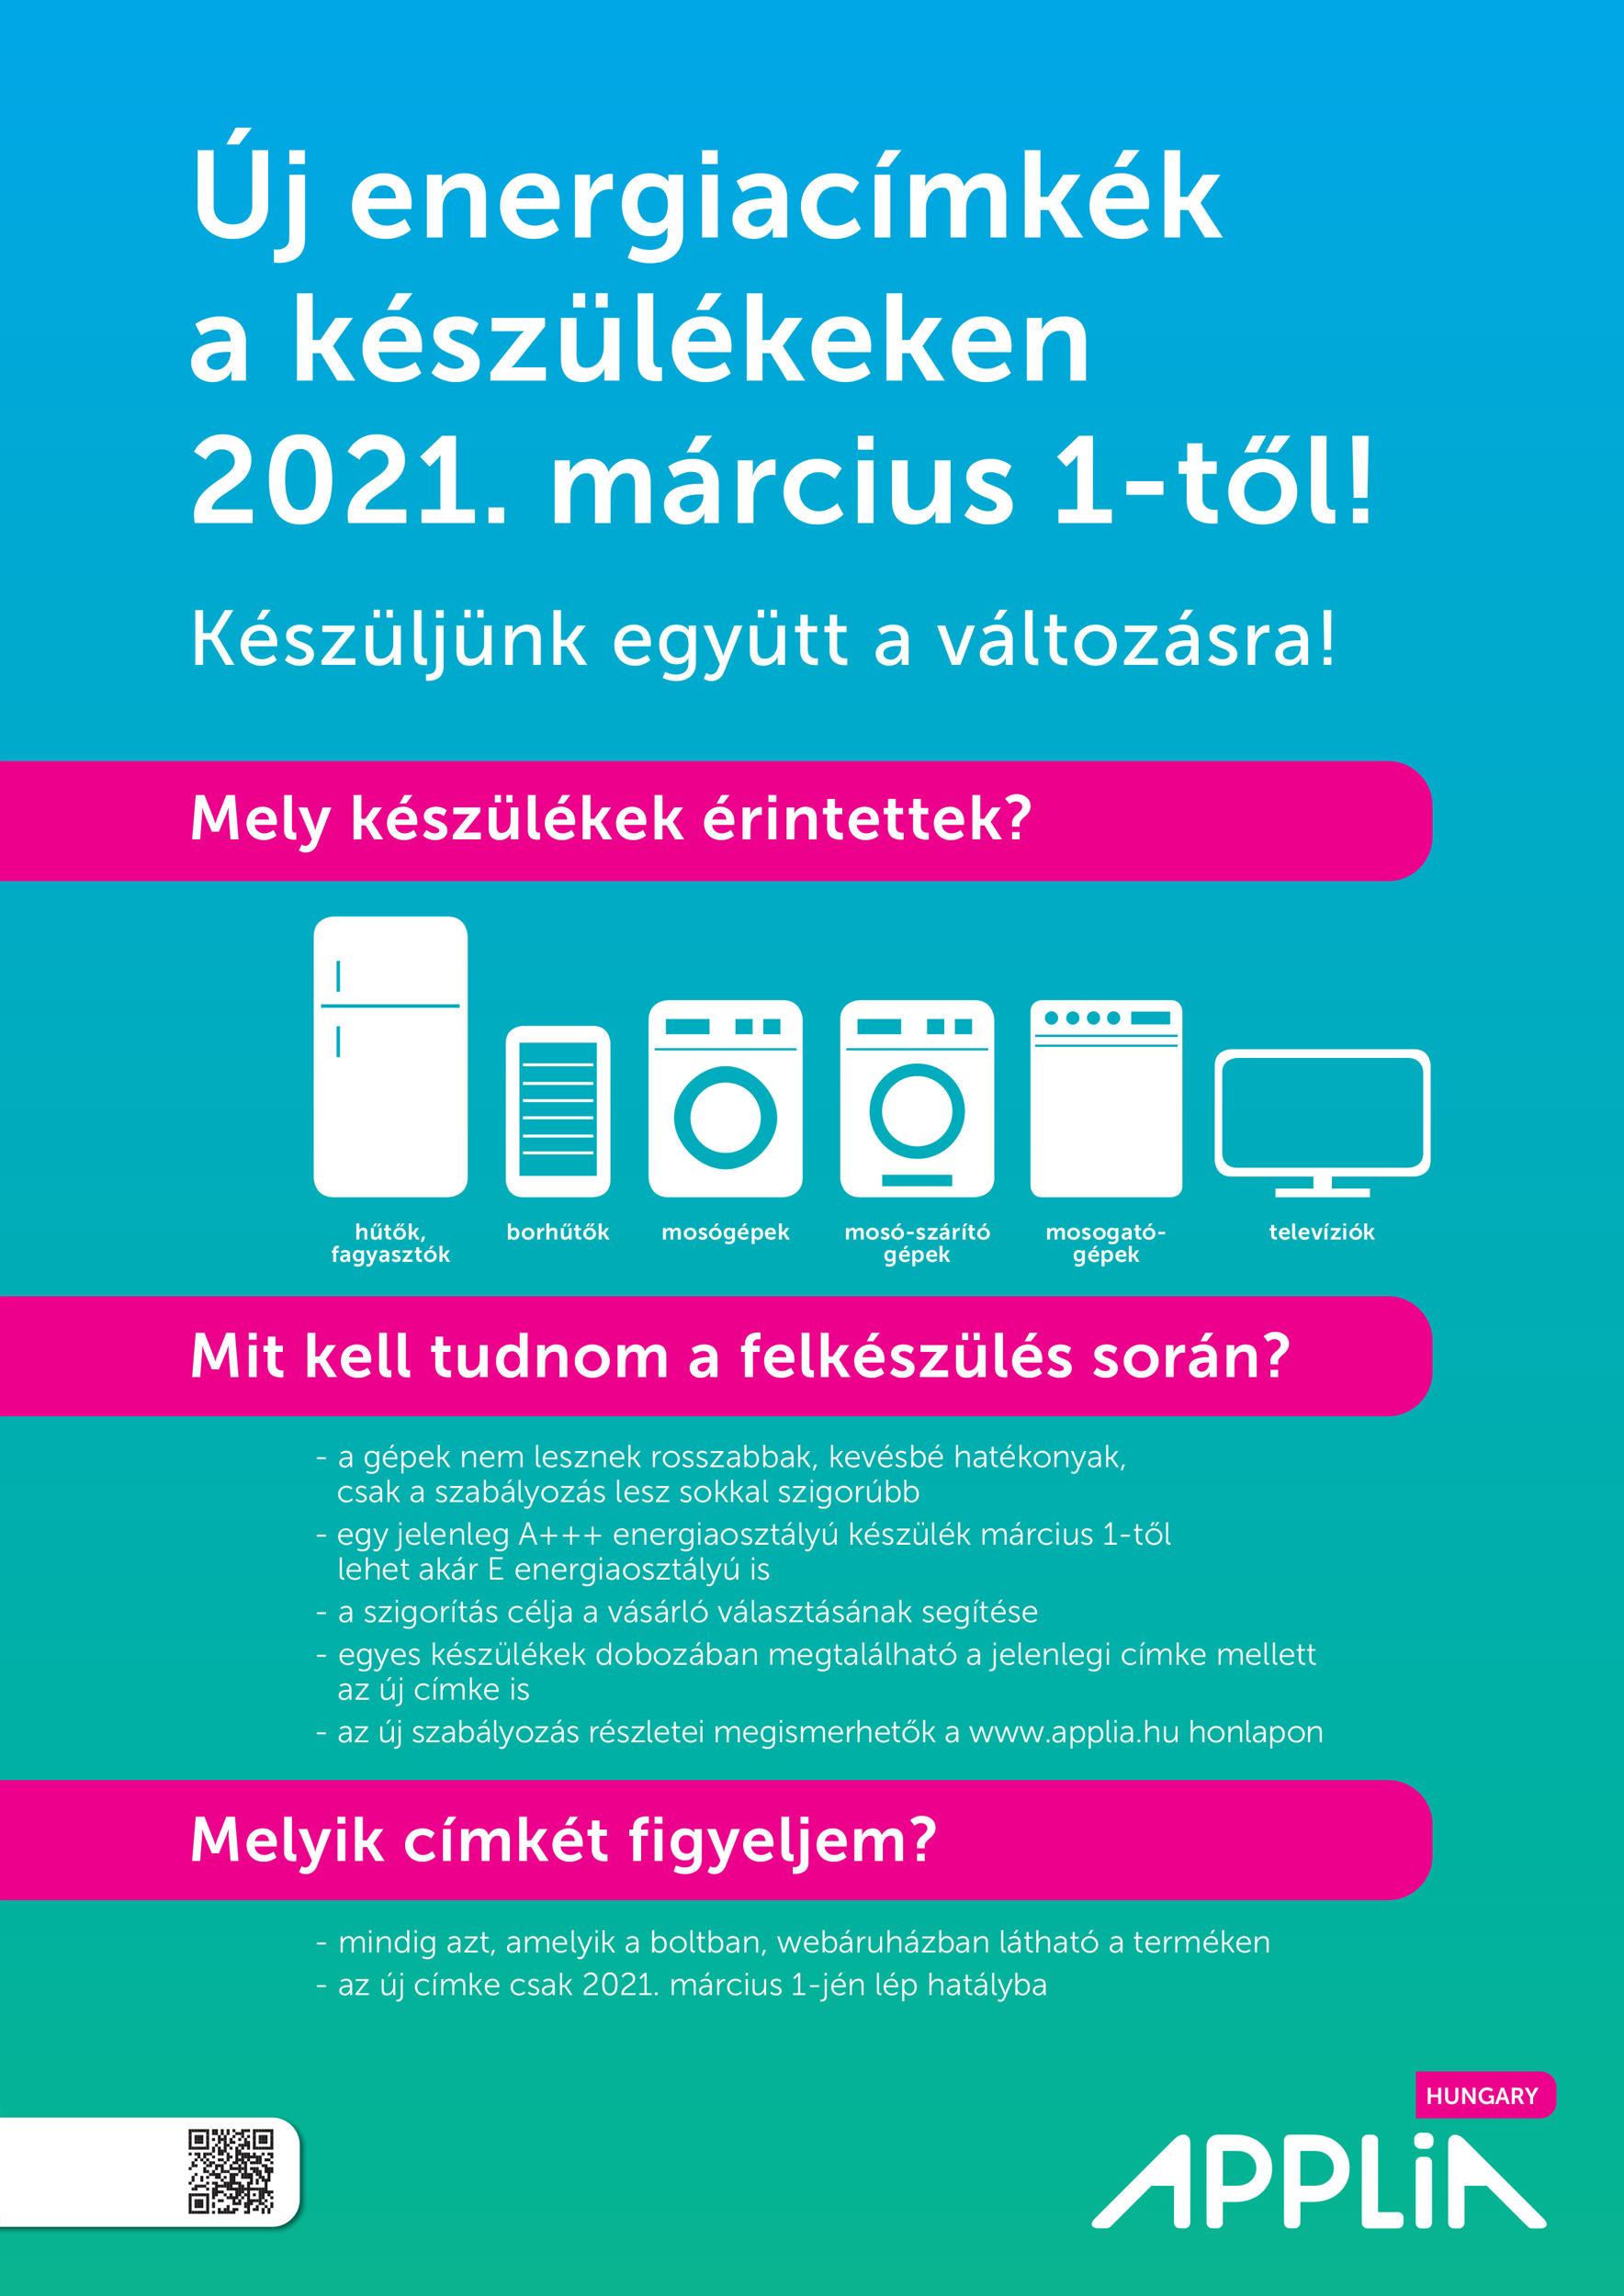 uj_energia_cimke_plakat_a3.jpg